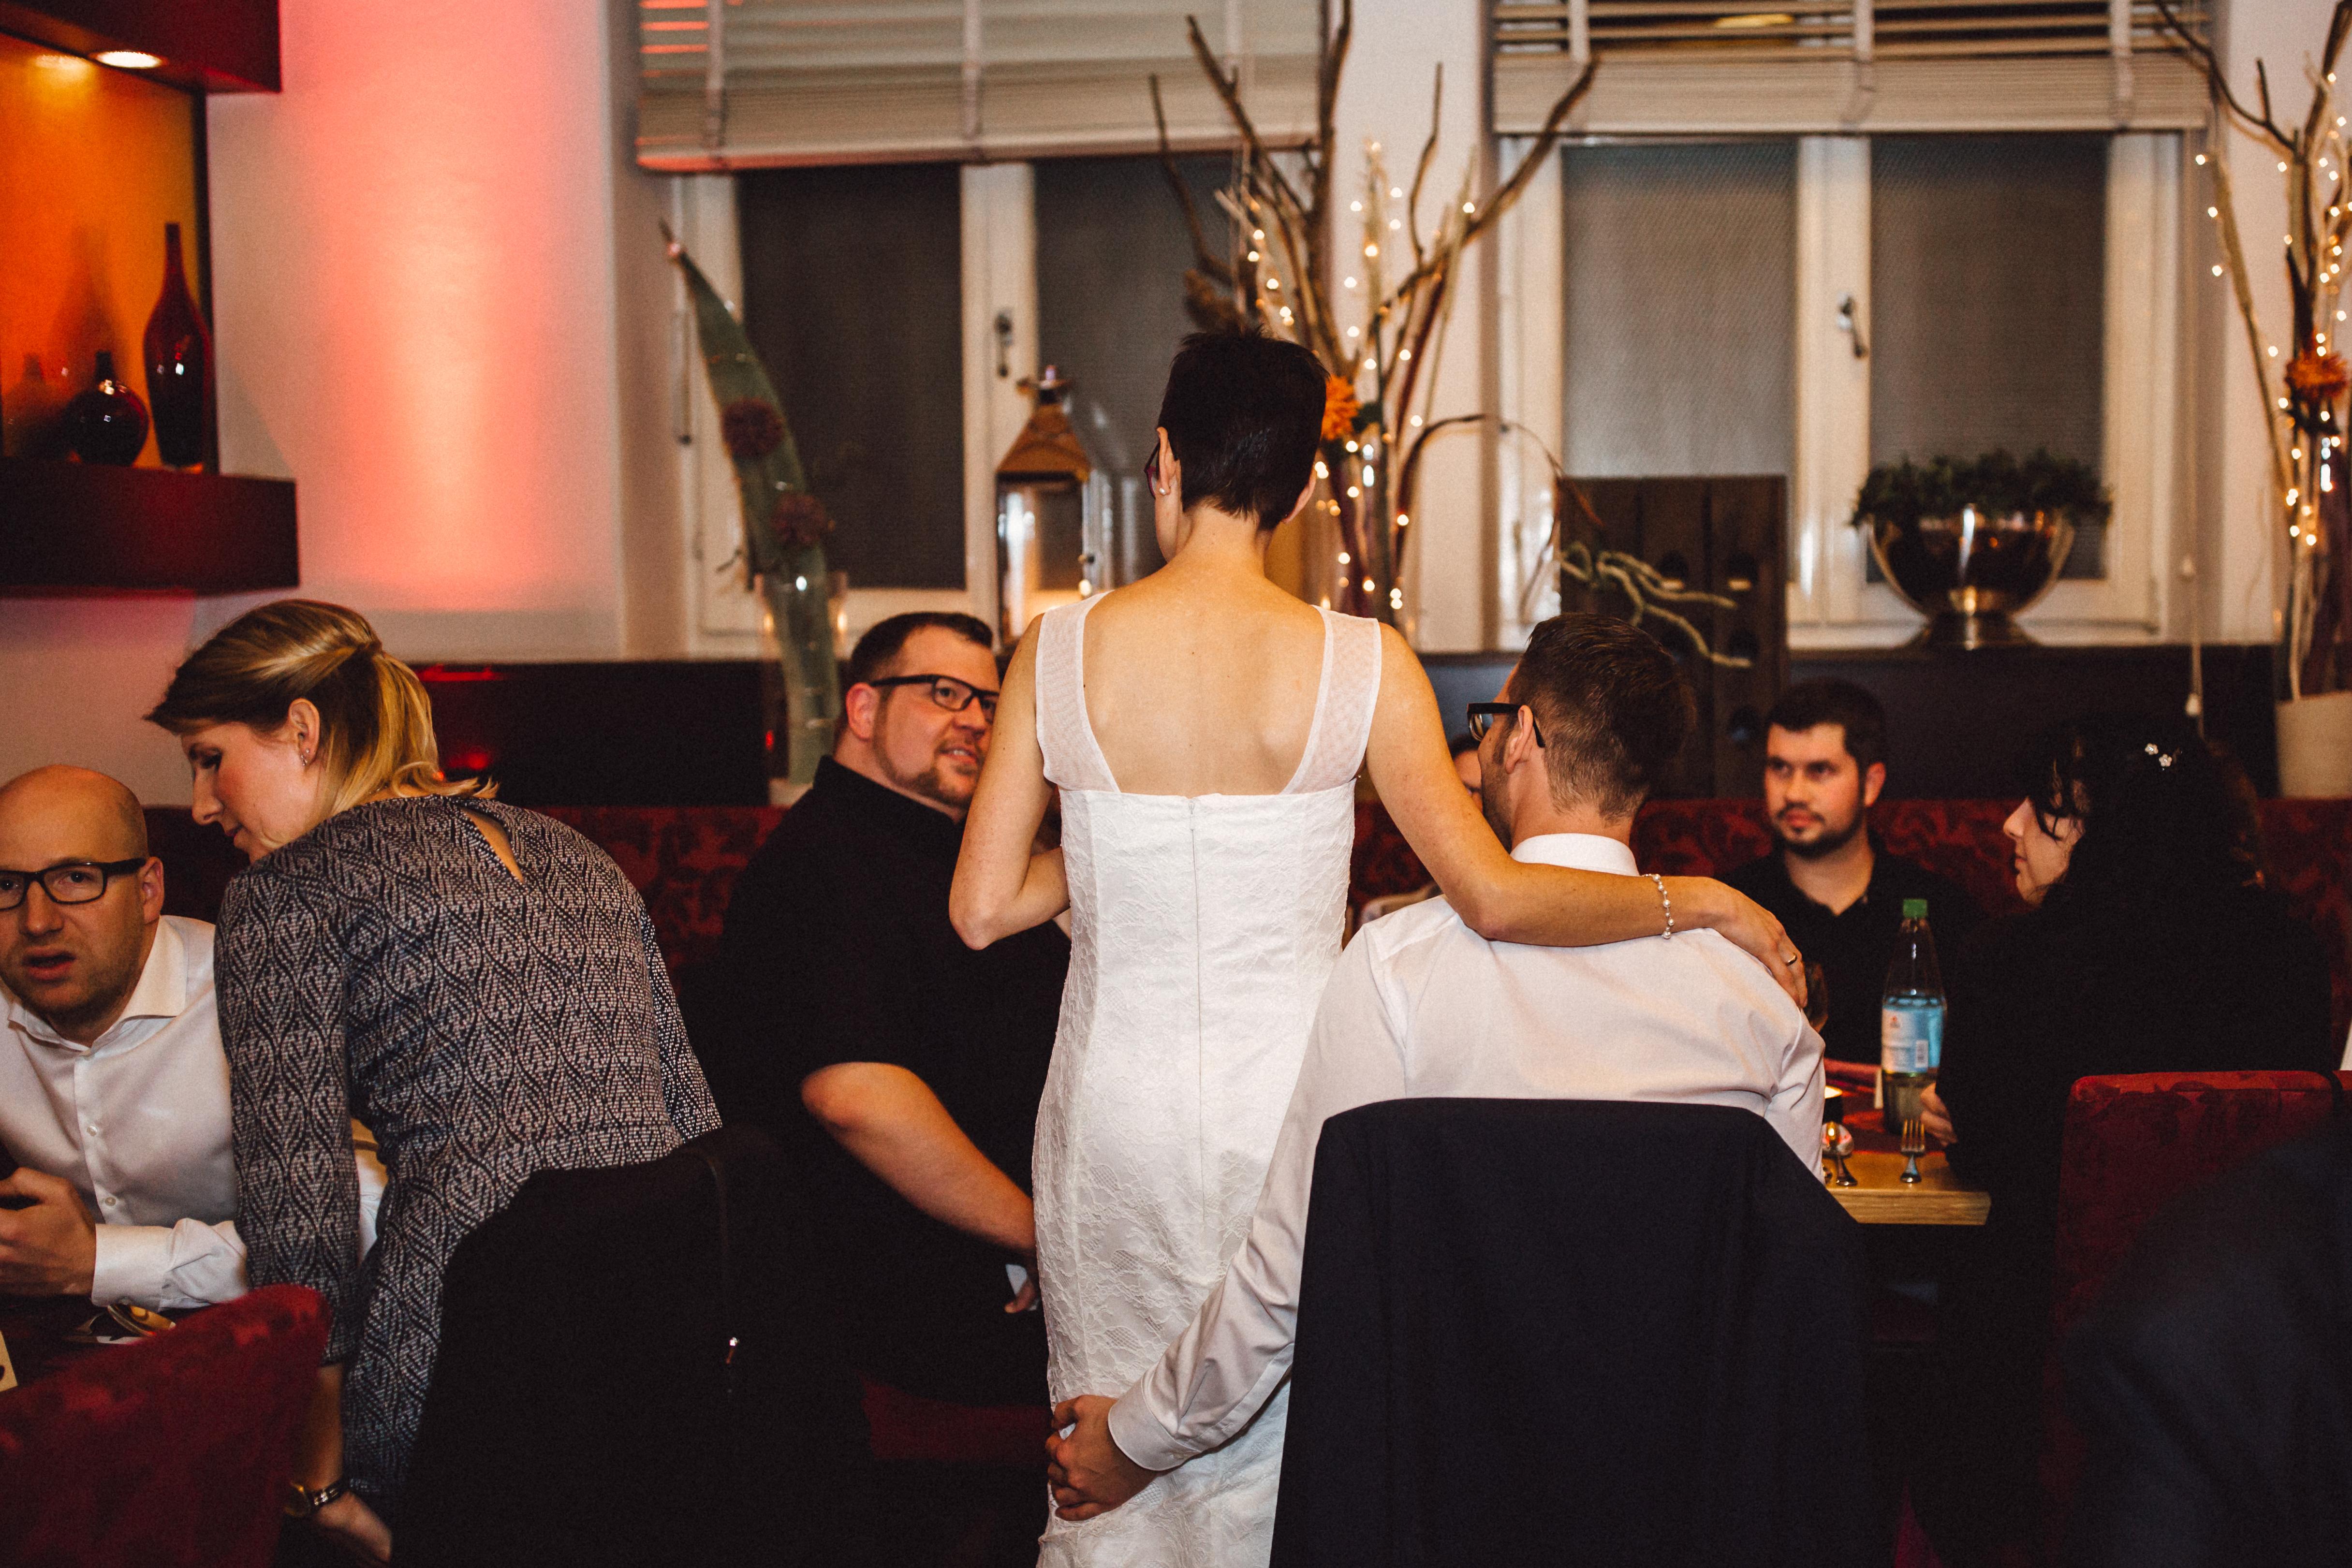 URBANERIE_Daniela_Goth_Hochzeitsfotografin_Nürnberg_Fürth_Erlangen_Schwabach_171028_0334